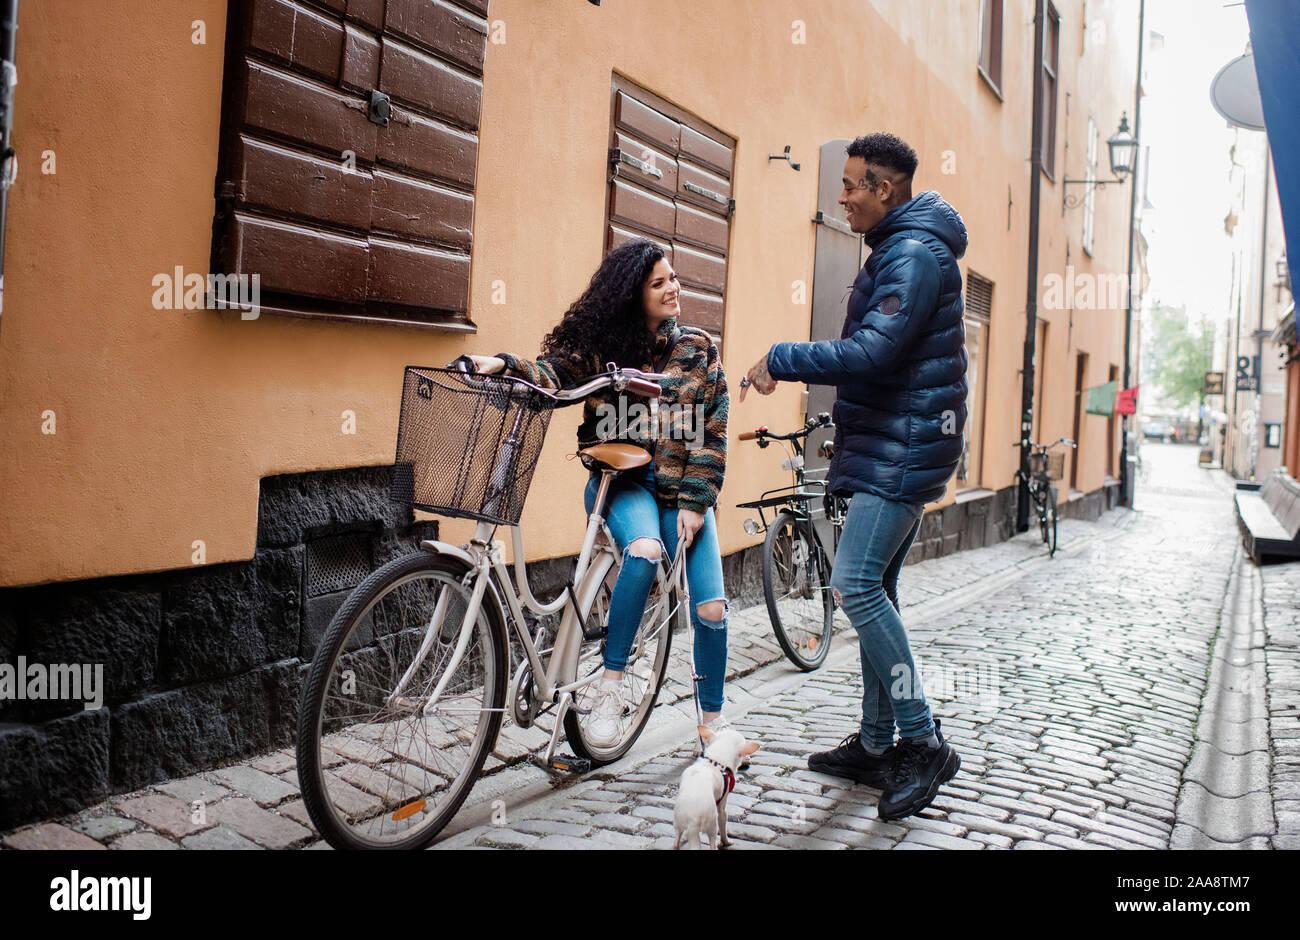 L'homme et de la femme dans la rue en Europe sam parler sur un vélo push Banque D'Images